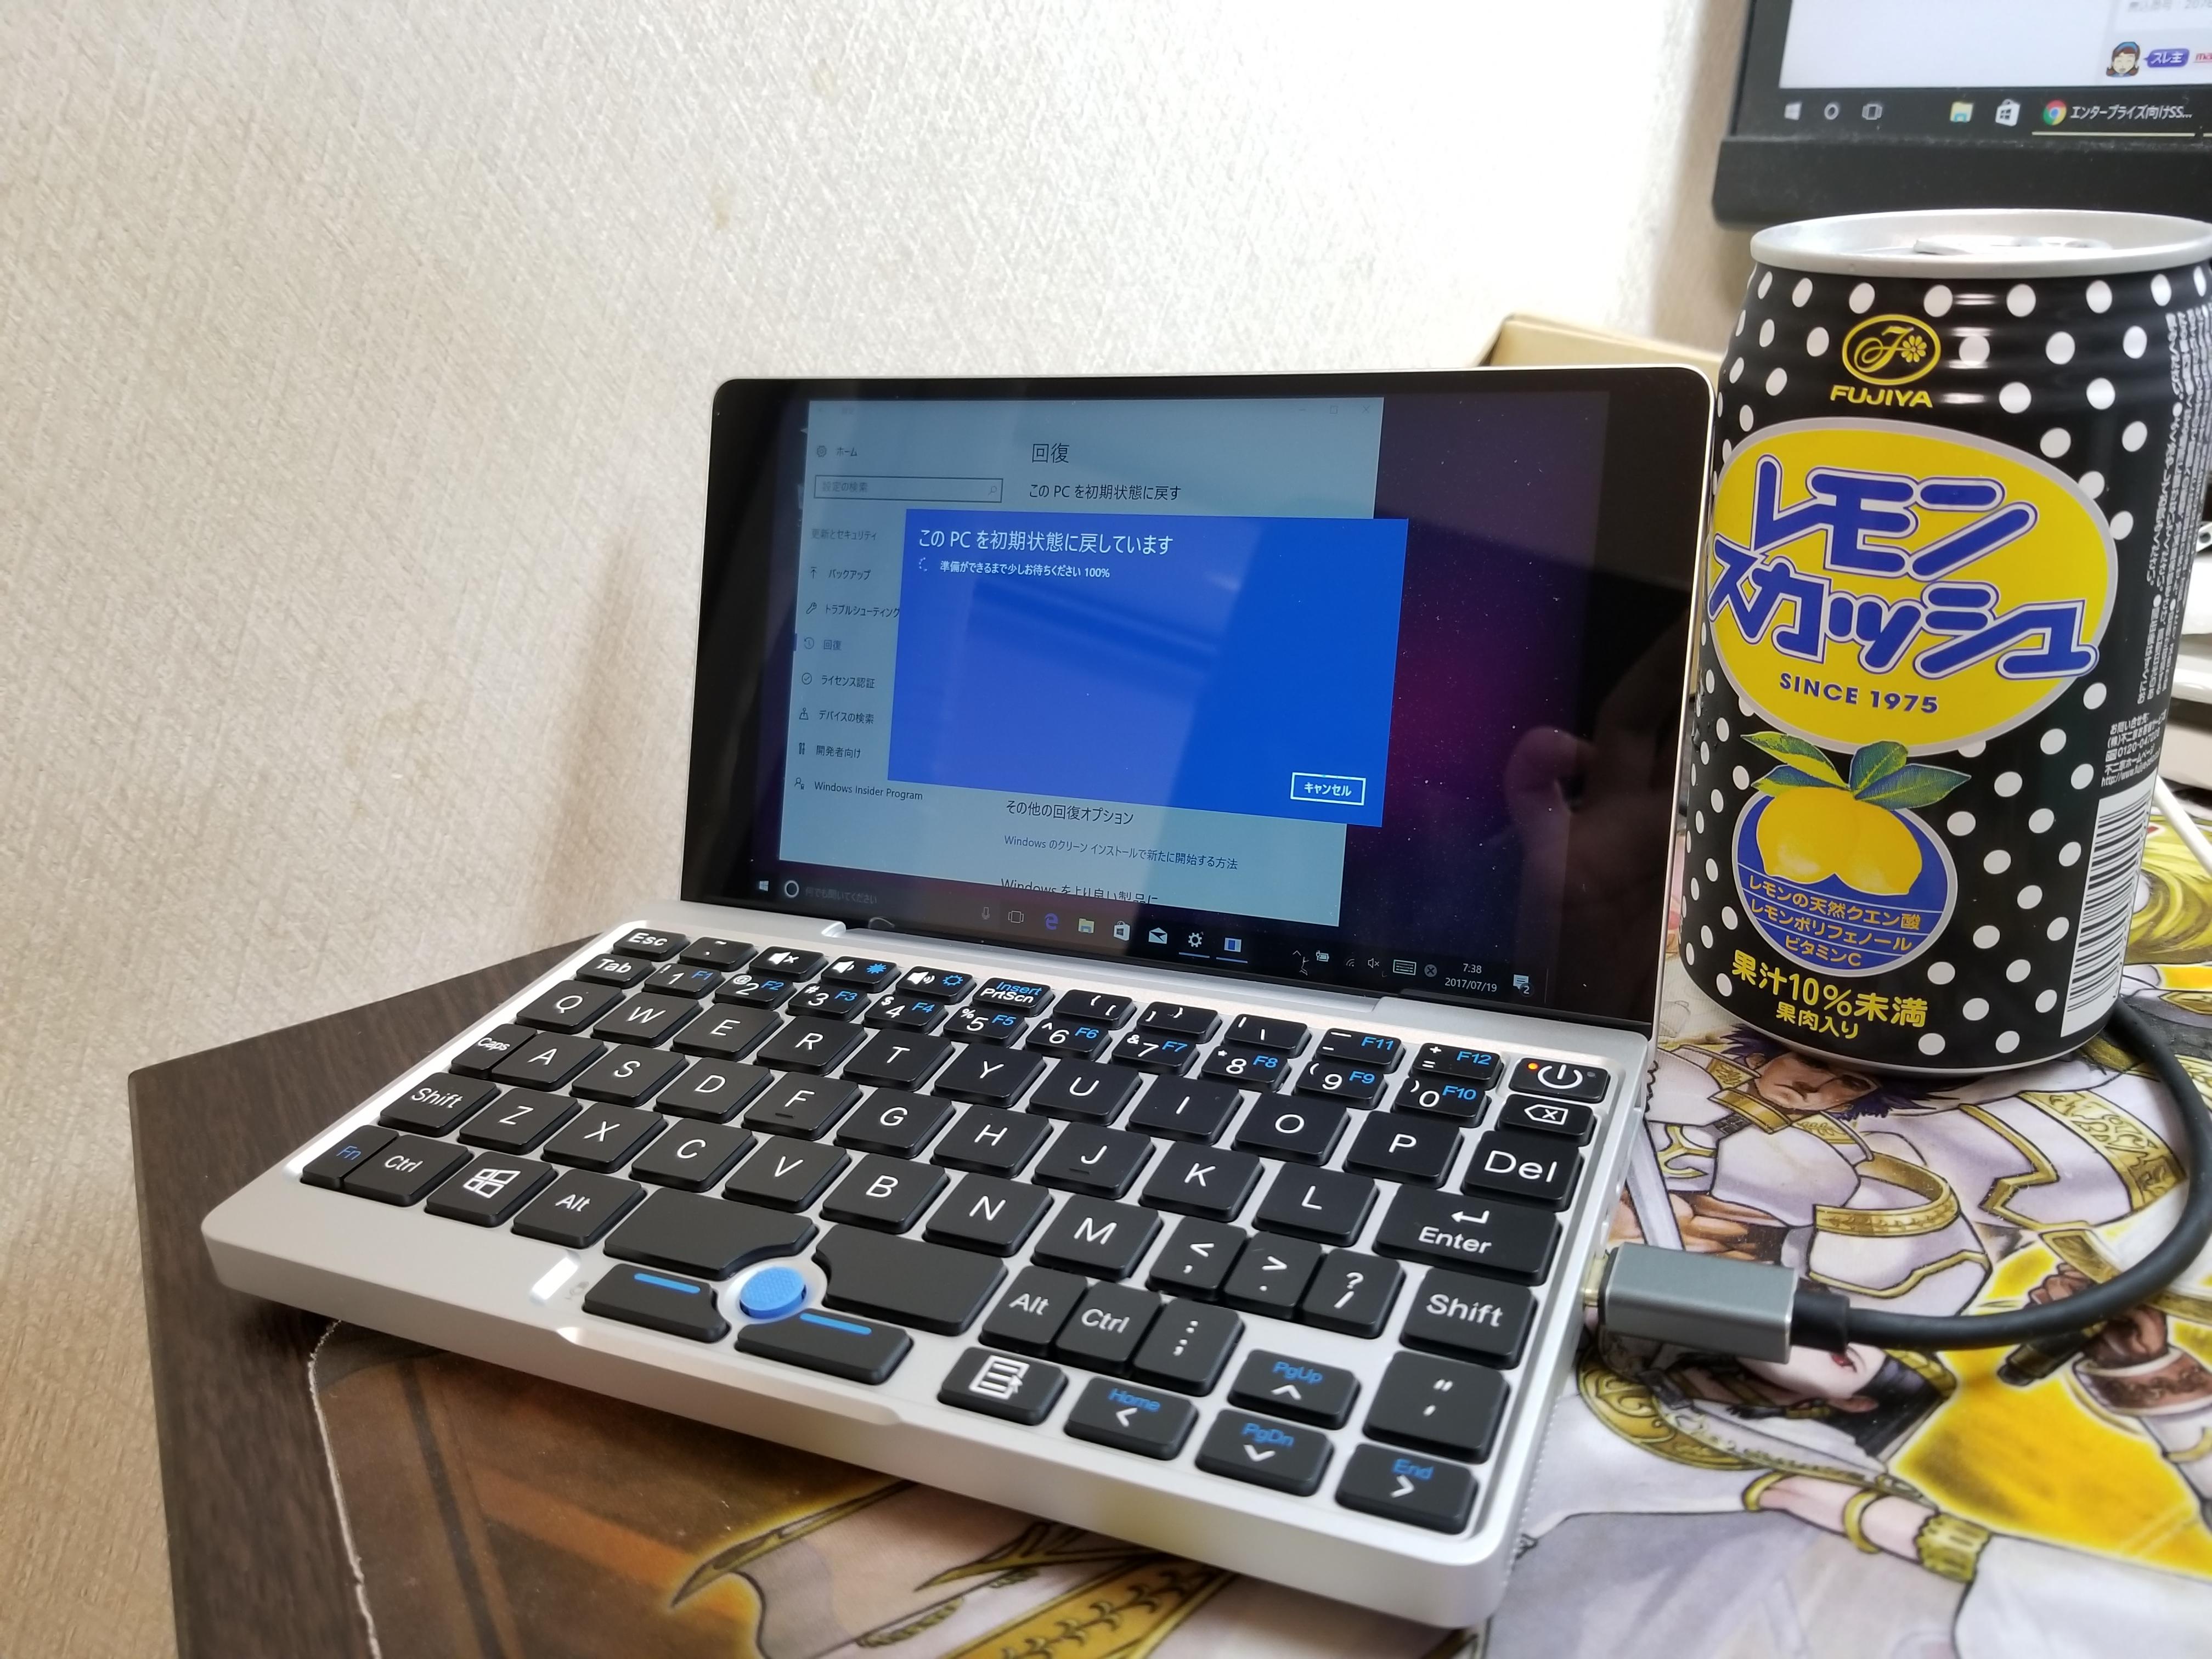 INDIEGOGOで出資していた日本人向けのGPD Pocket239台が8月1日に追加発送 #GPD #GPDPocket